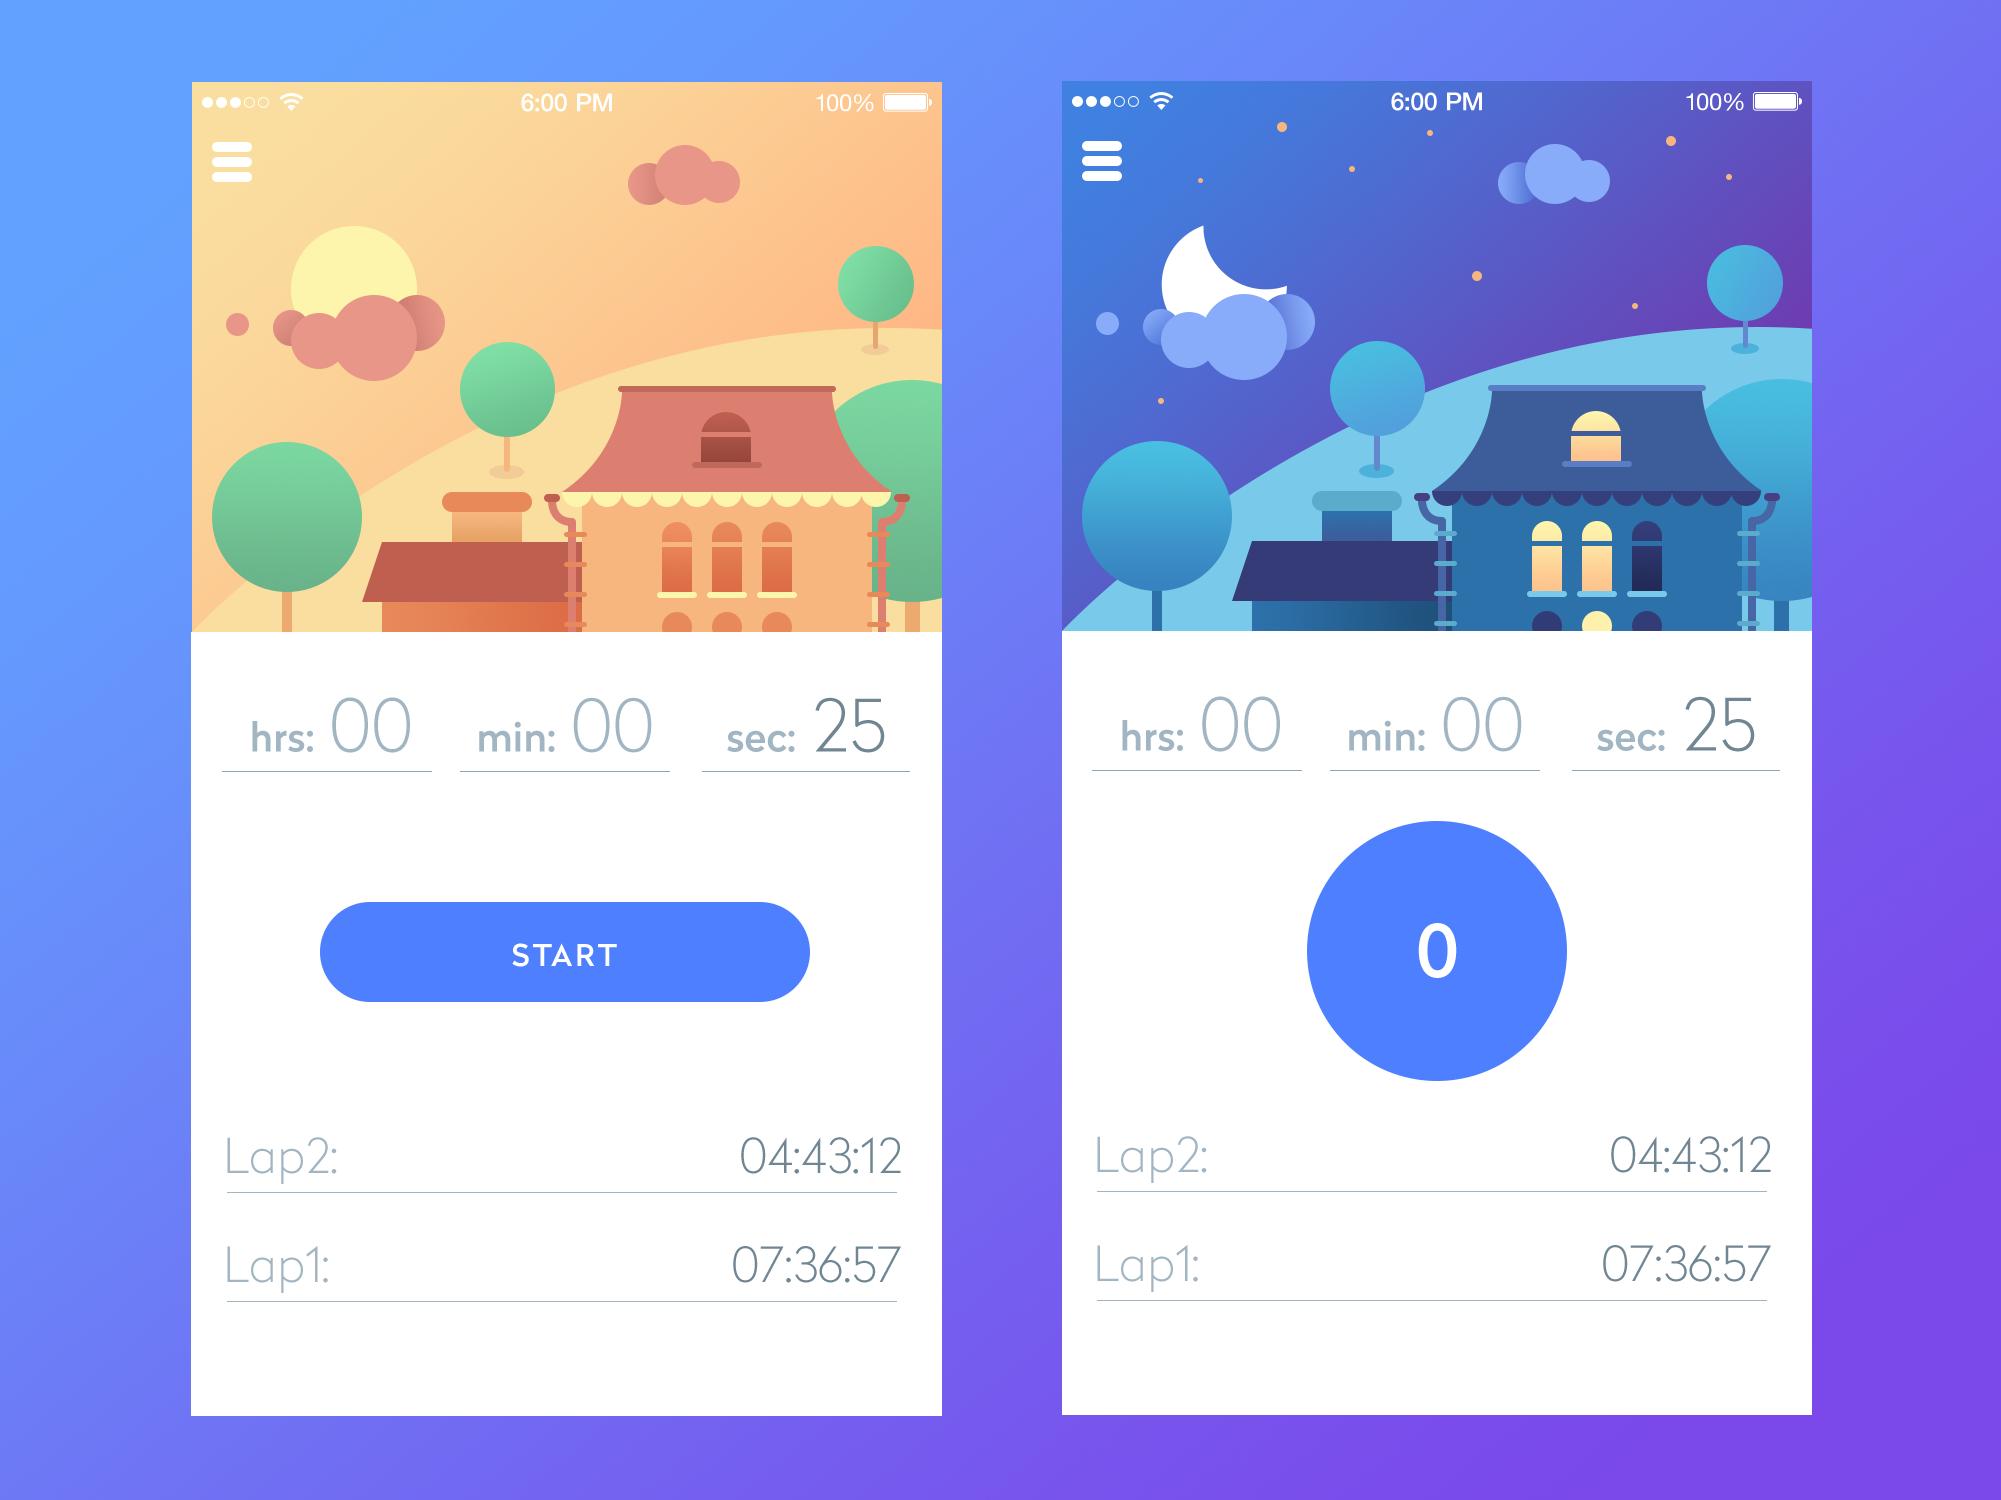 Timer app real pixels size